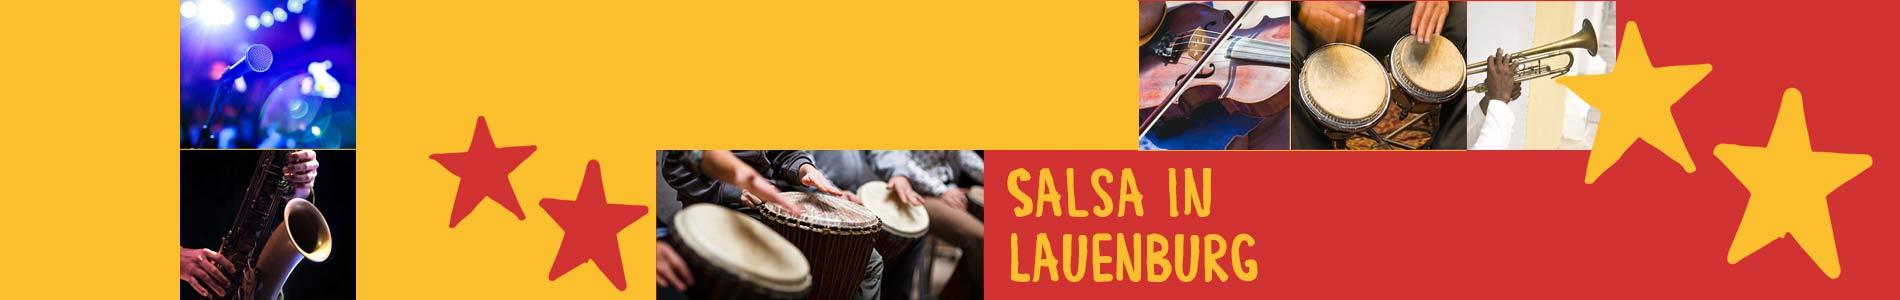 Salsa in Aue – Salsa lernen und tanzen, Tanzkurse, Partys, Veranstaltungen